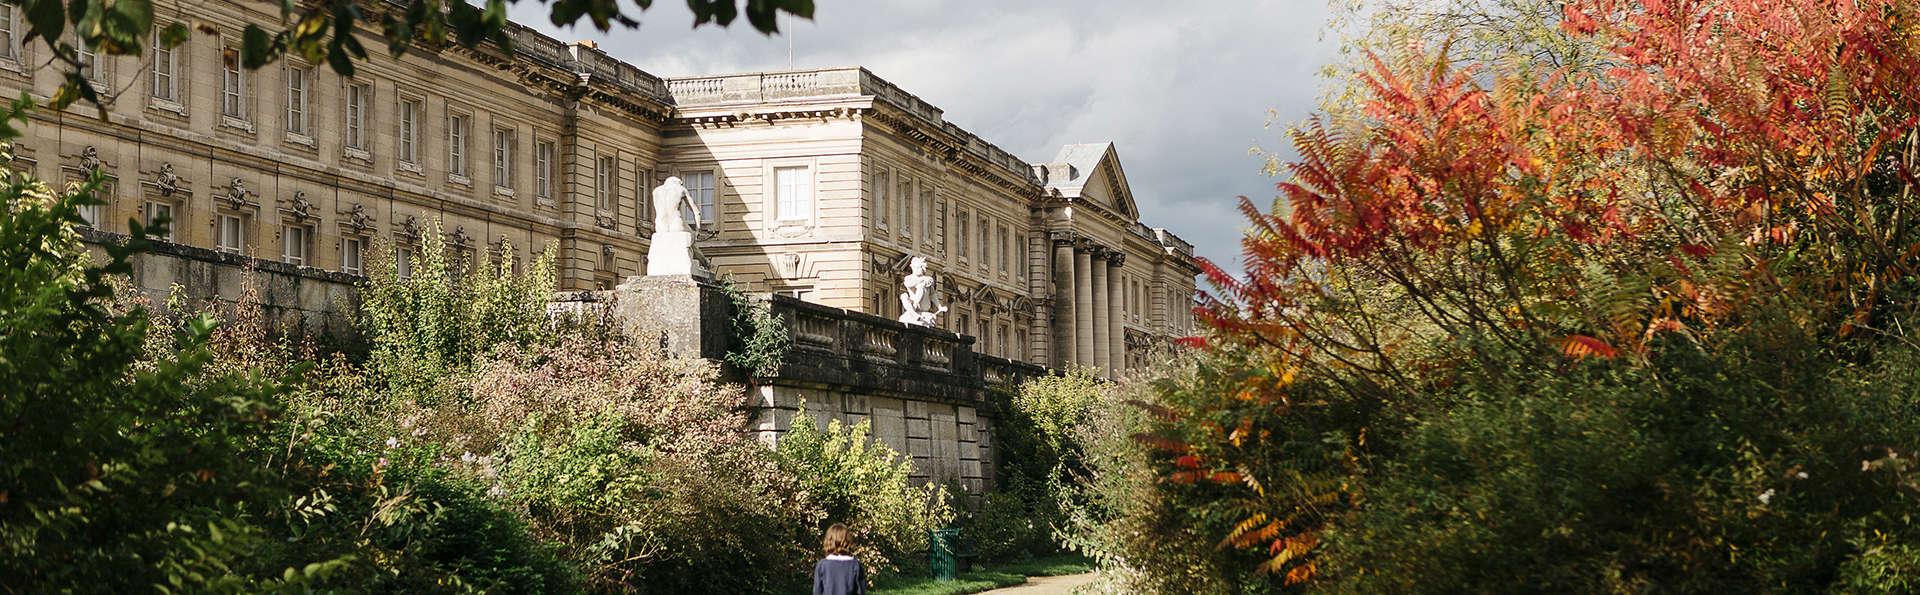 Hôtel Mercure Compiègne Sud - Edit_Destination2.jpg